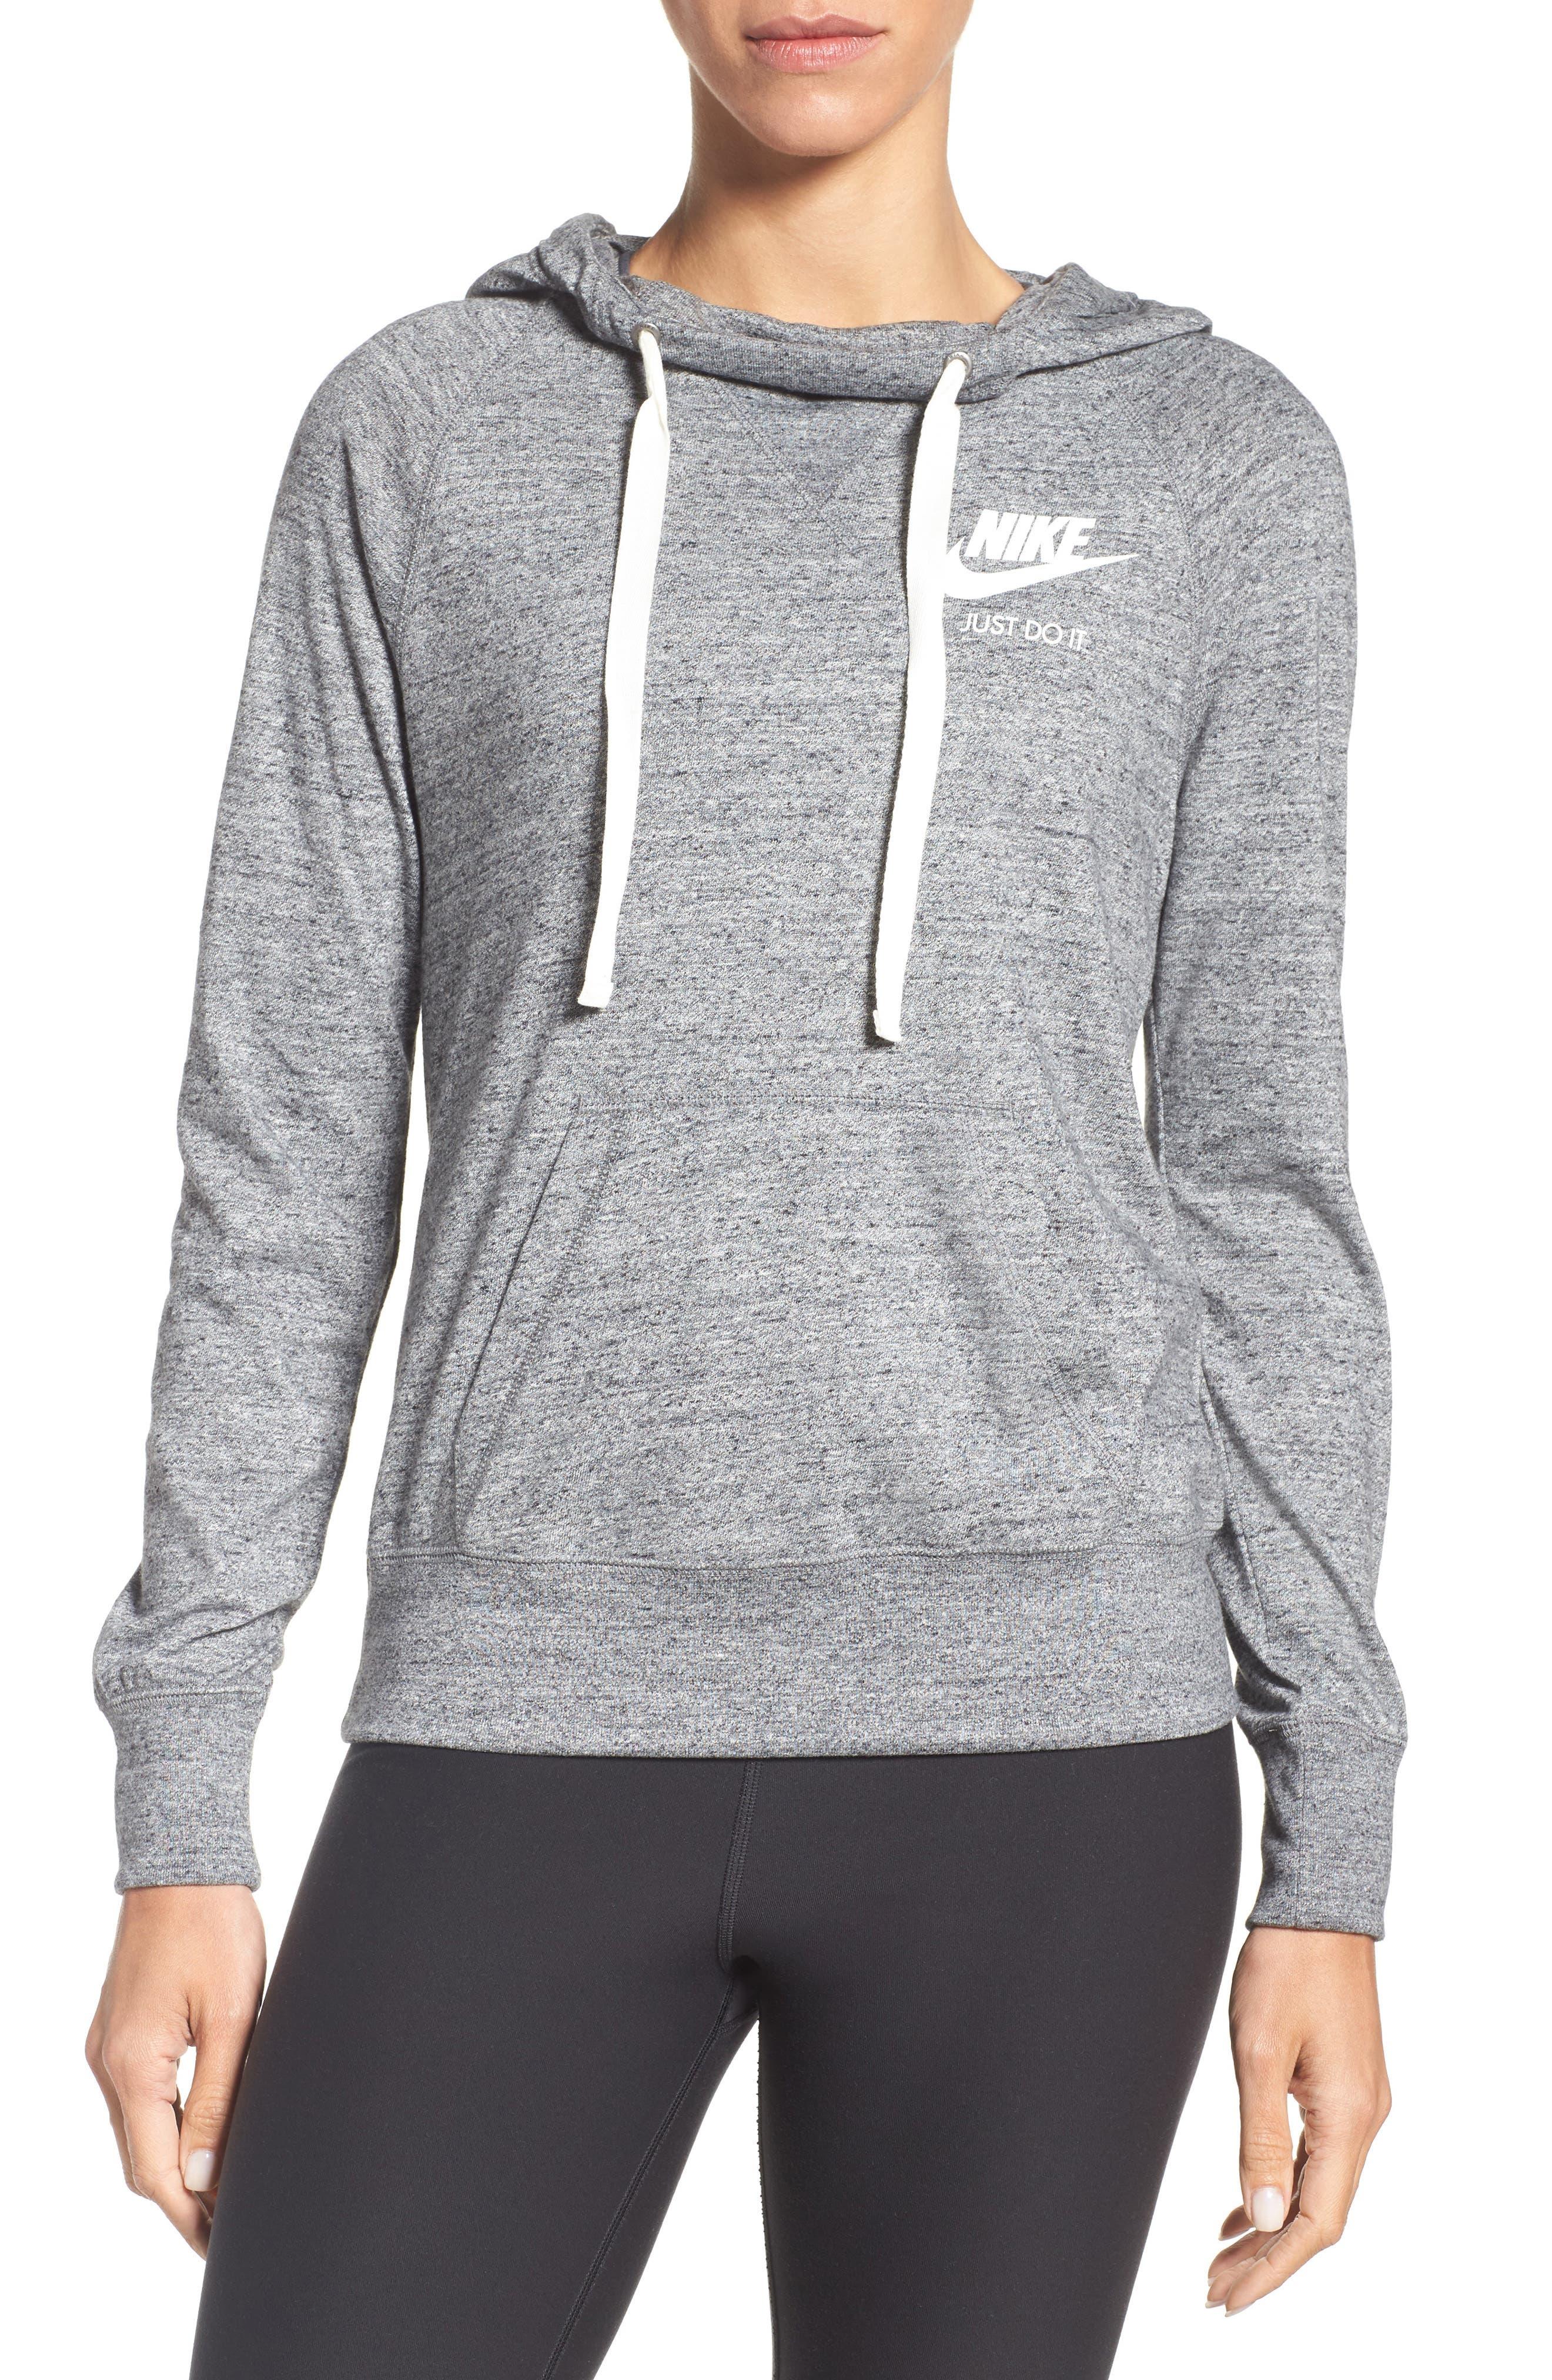 Nike epic jacket - Nike Epic Jacket 39